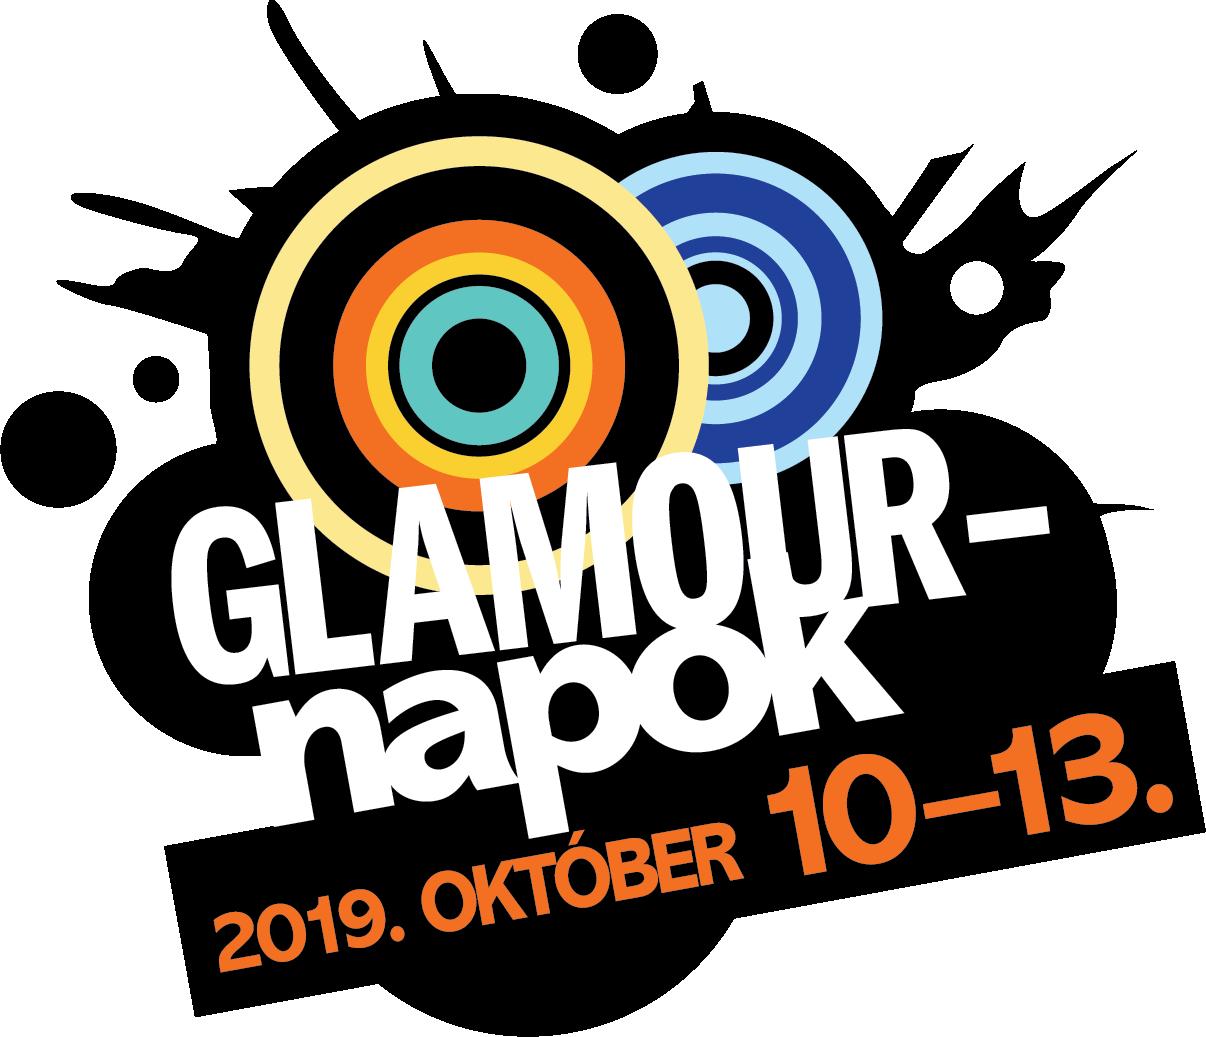 Glamour napok – Október 10-13.